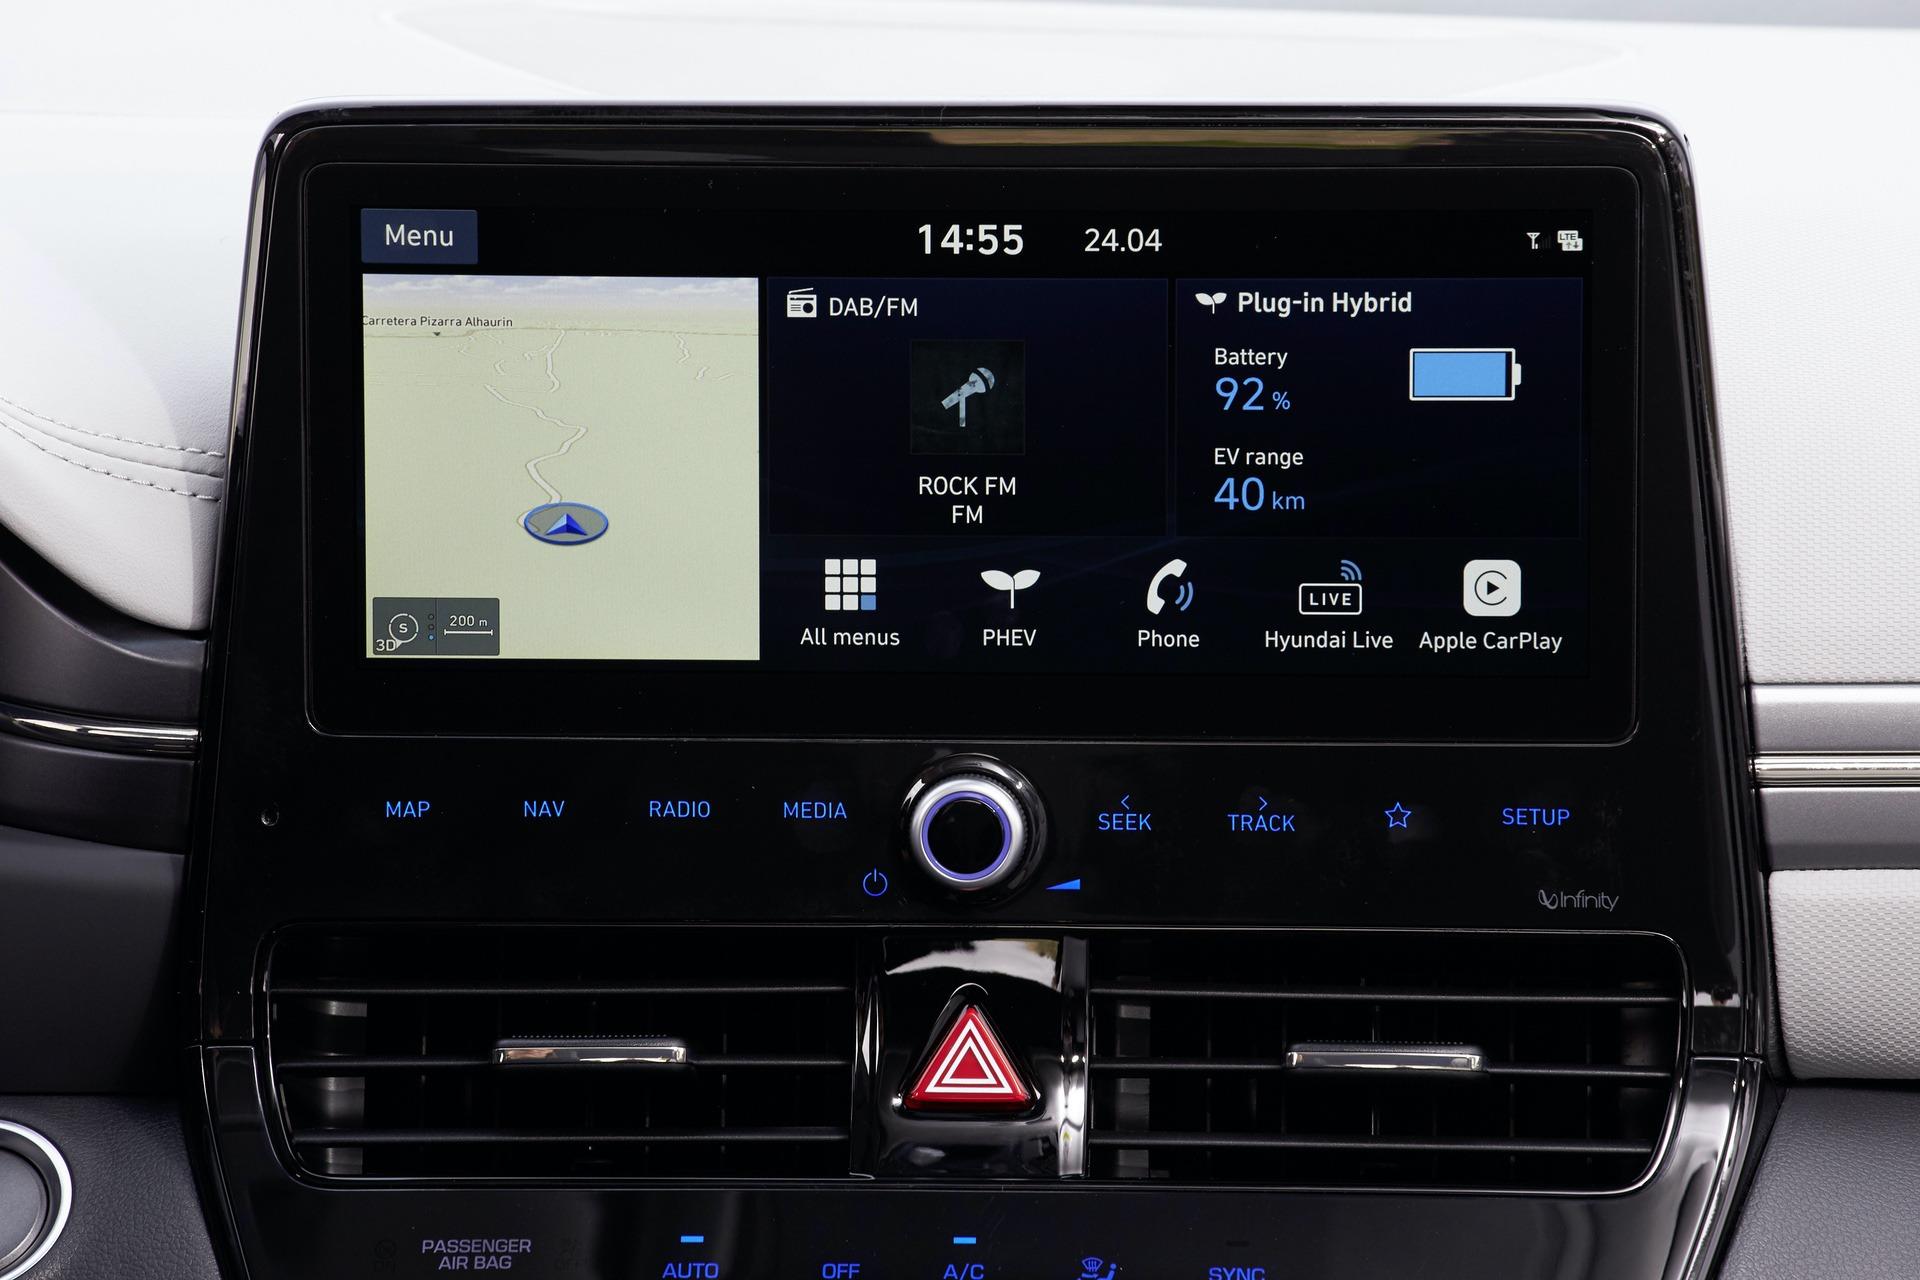 New-Hyundai-IONIQ-Plug-in-Interior-4